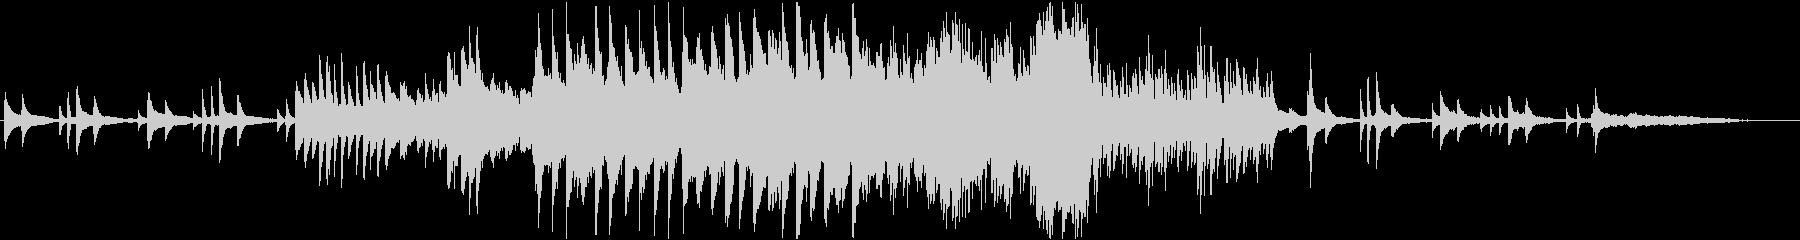 ピアノ、ストリングス、エピローグ、感動的の未再生の波形